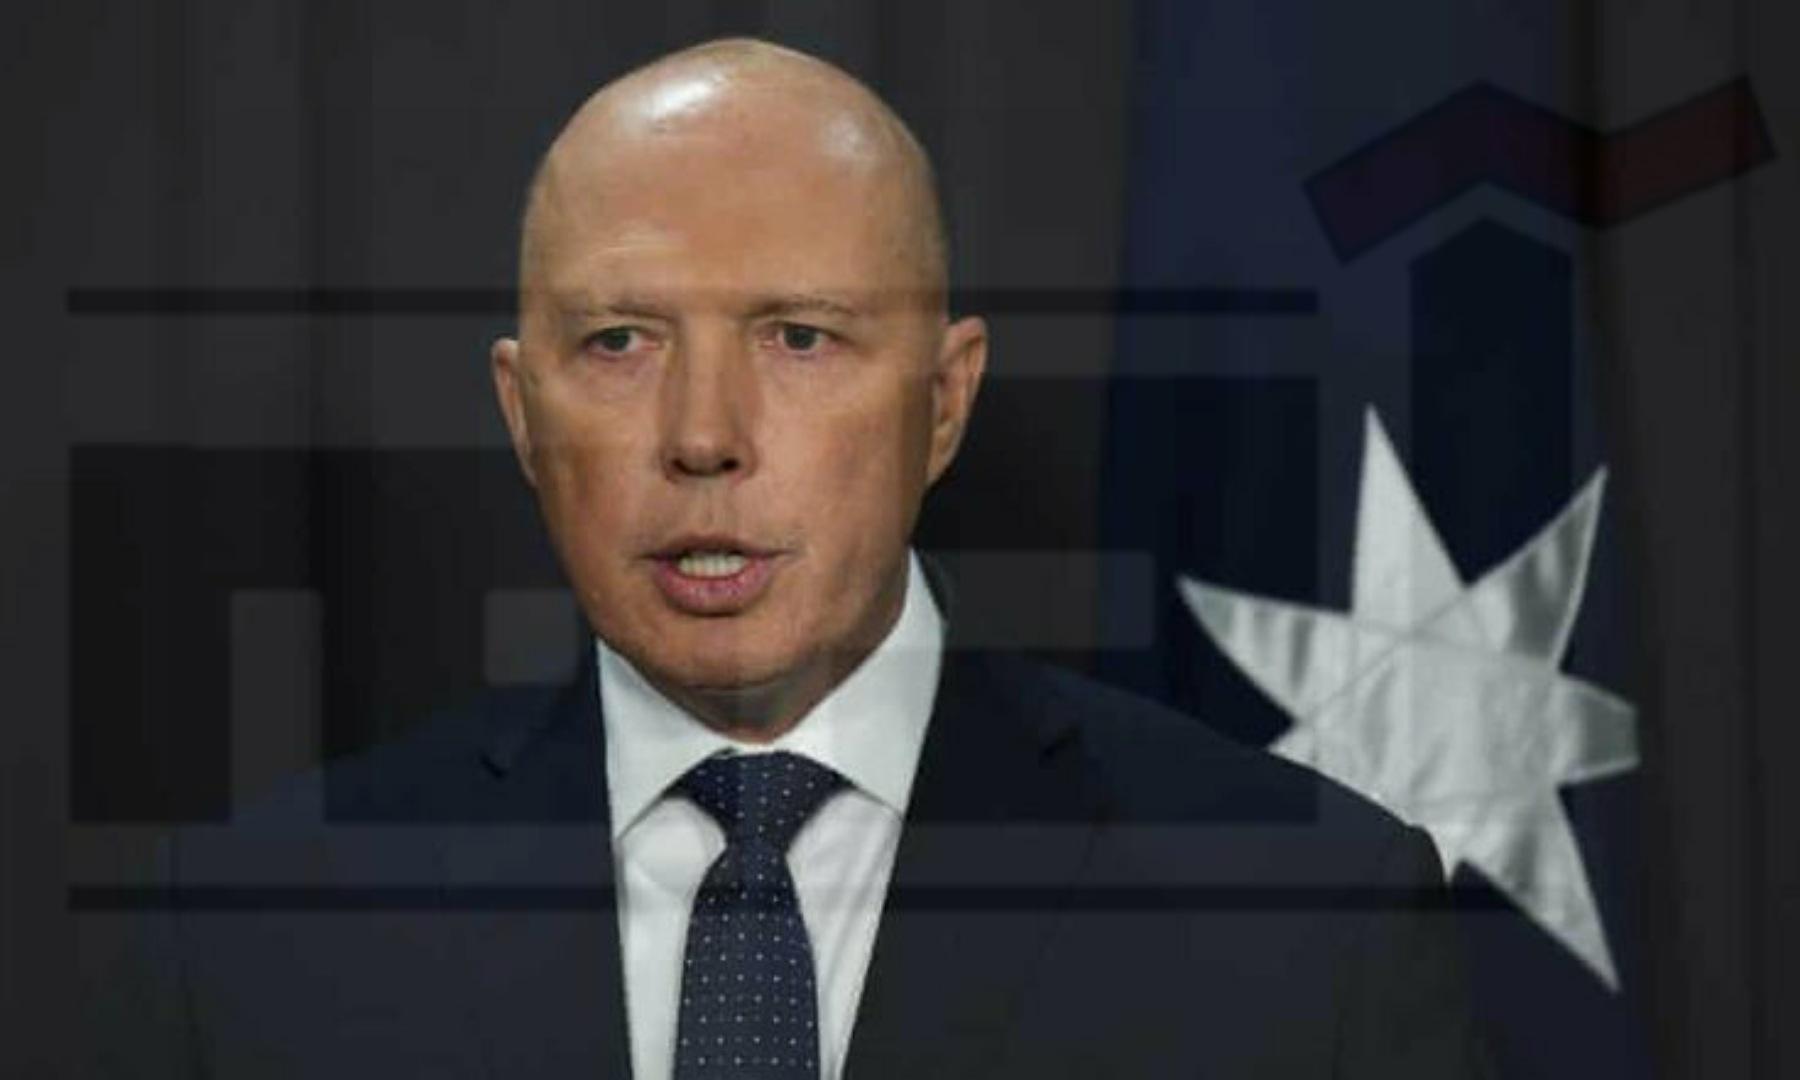 وزير الداخلية الأسترالي بيتر داتون